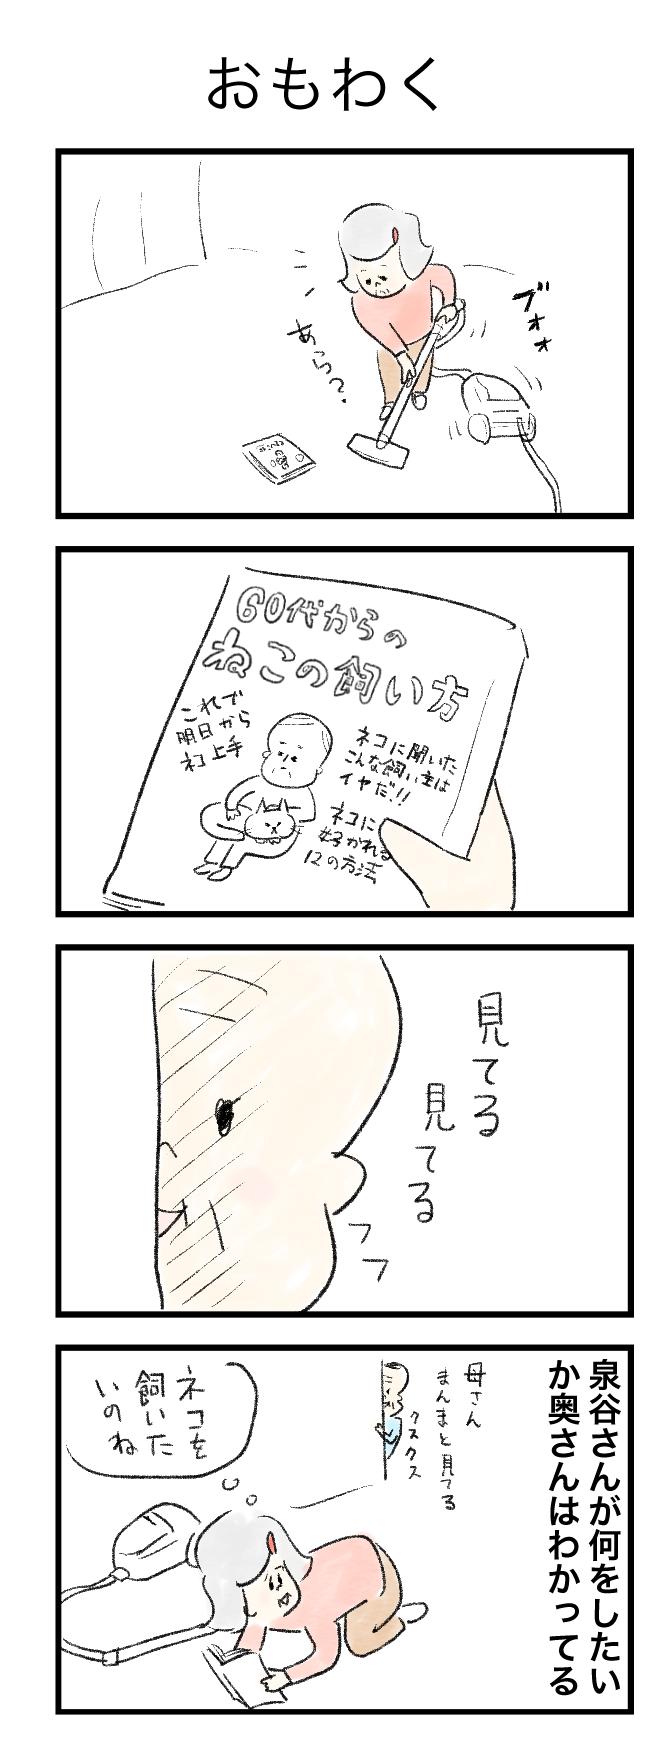 今日の泉谷さん-カワサキヒロシ【ごとお日漫画】今日の泉谷さん-カワサキヒロシ